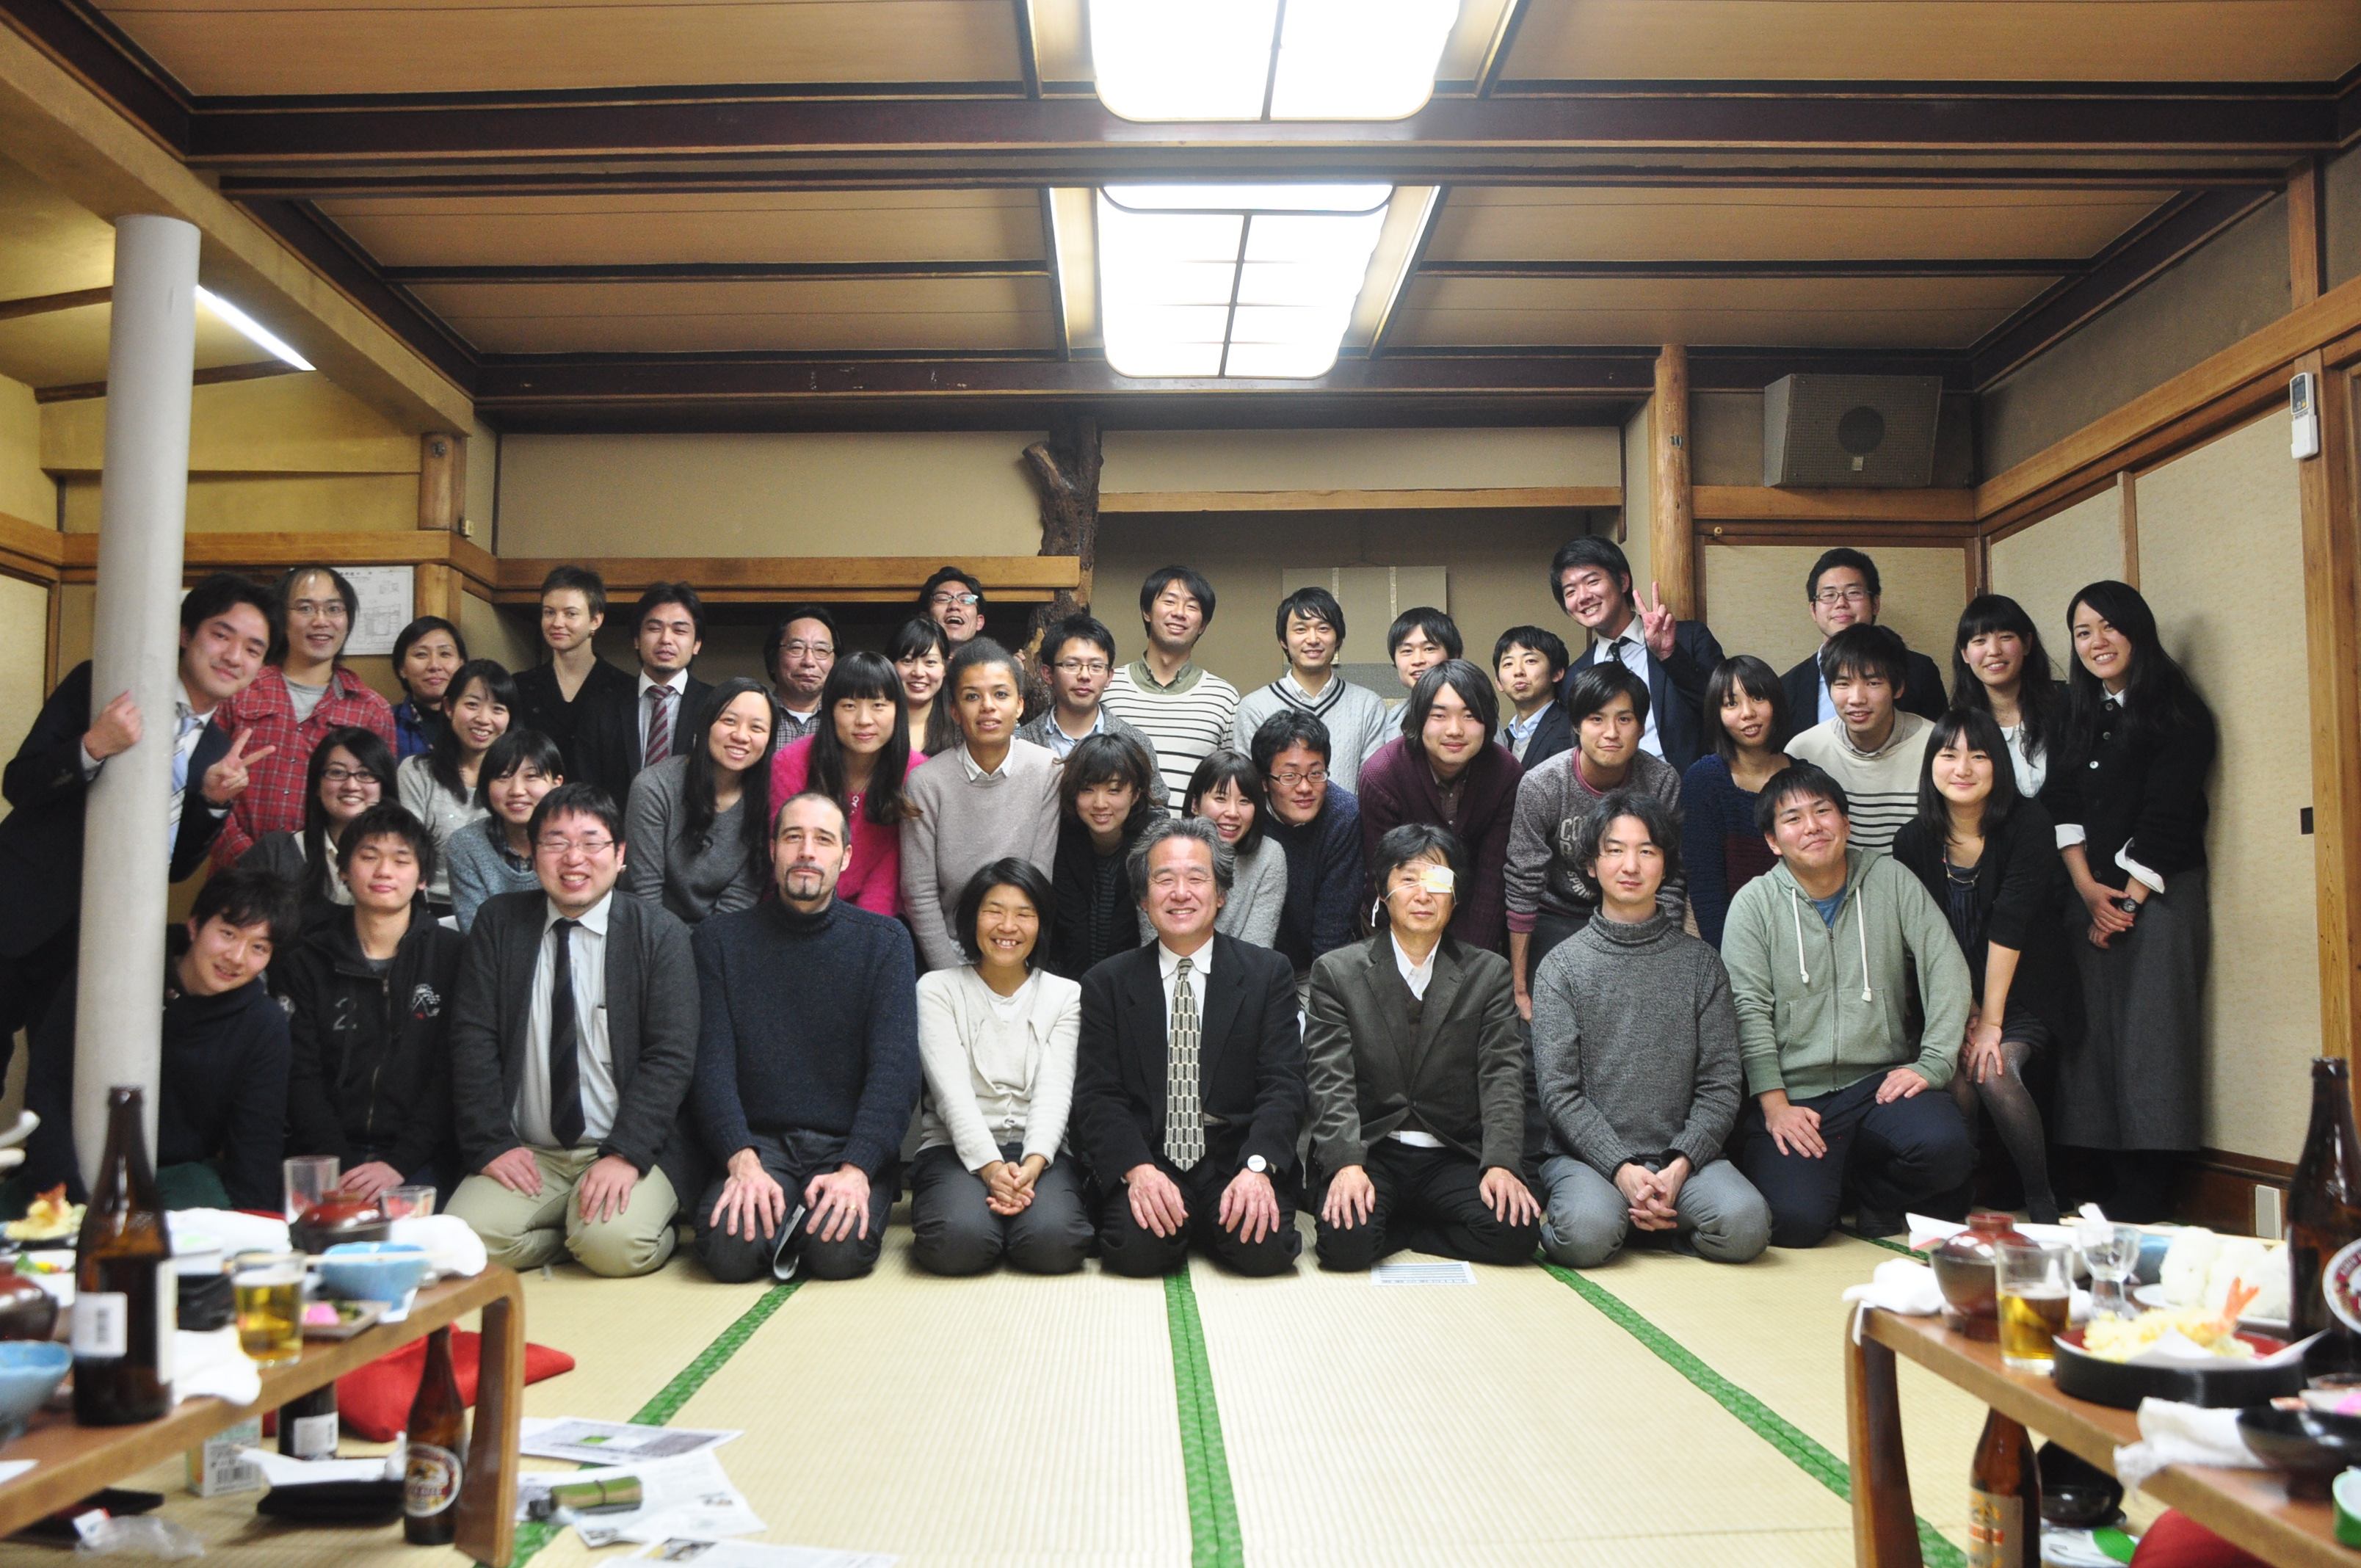 http://ud.t.u-tokyo.ac.jp/blog/_images/DSC_8451.JPG